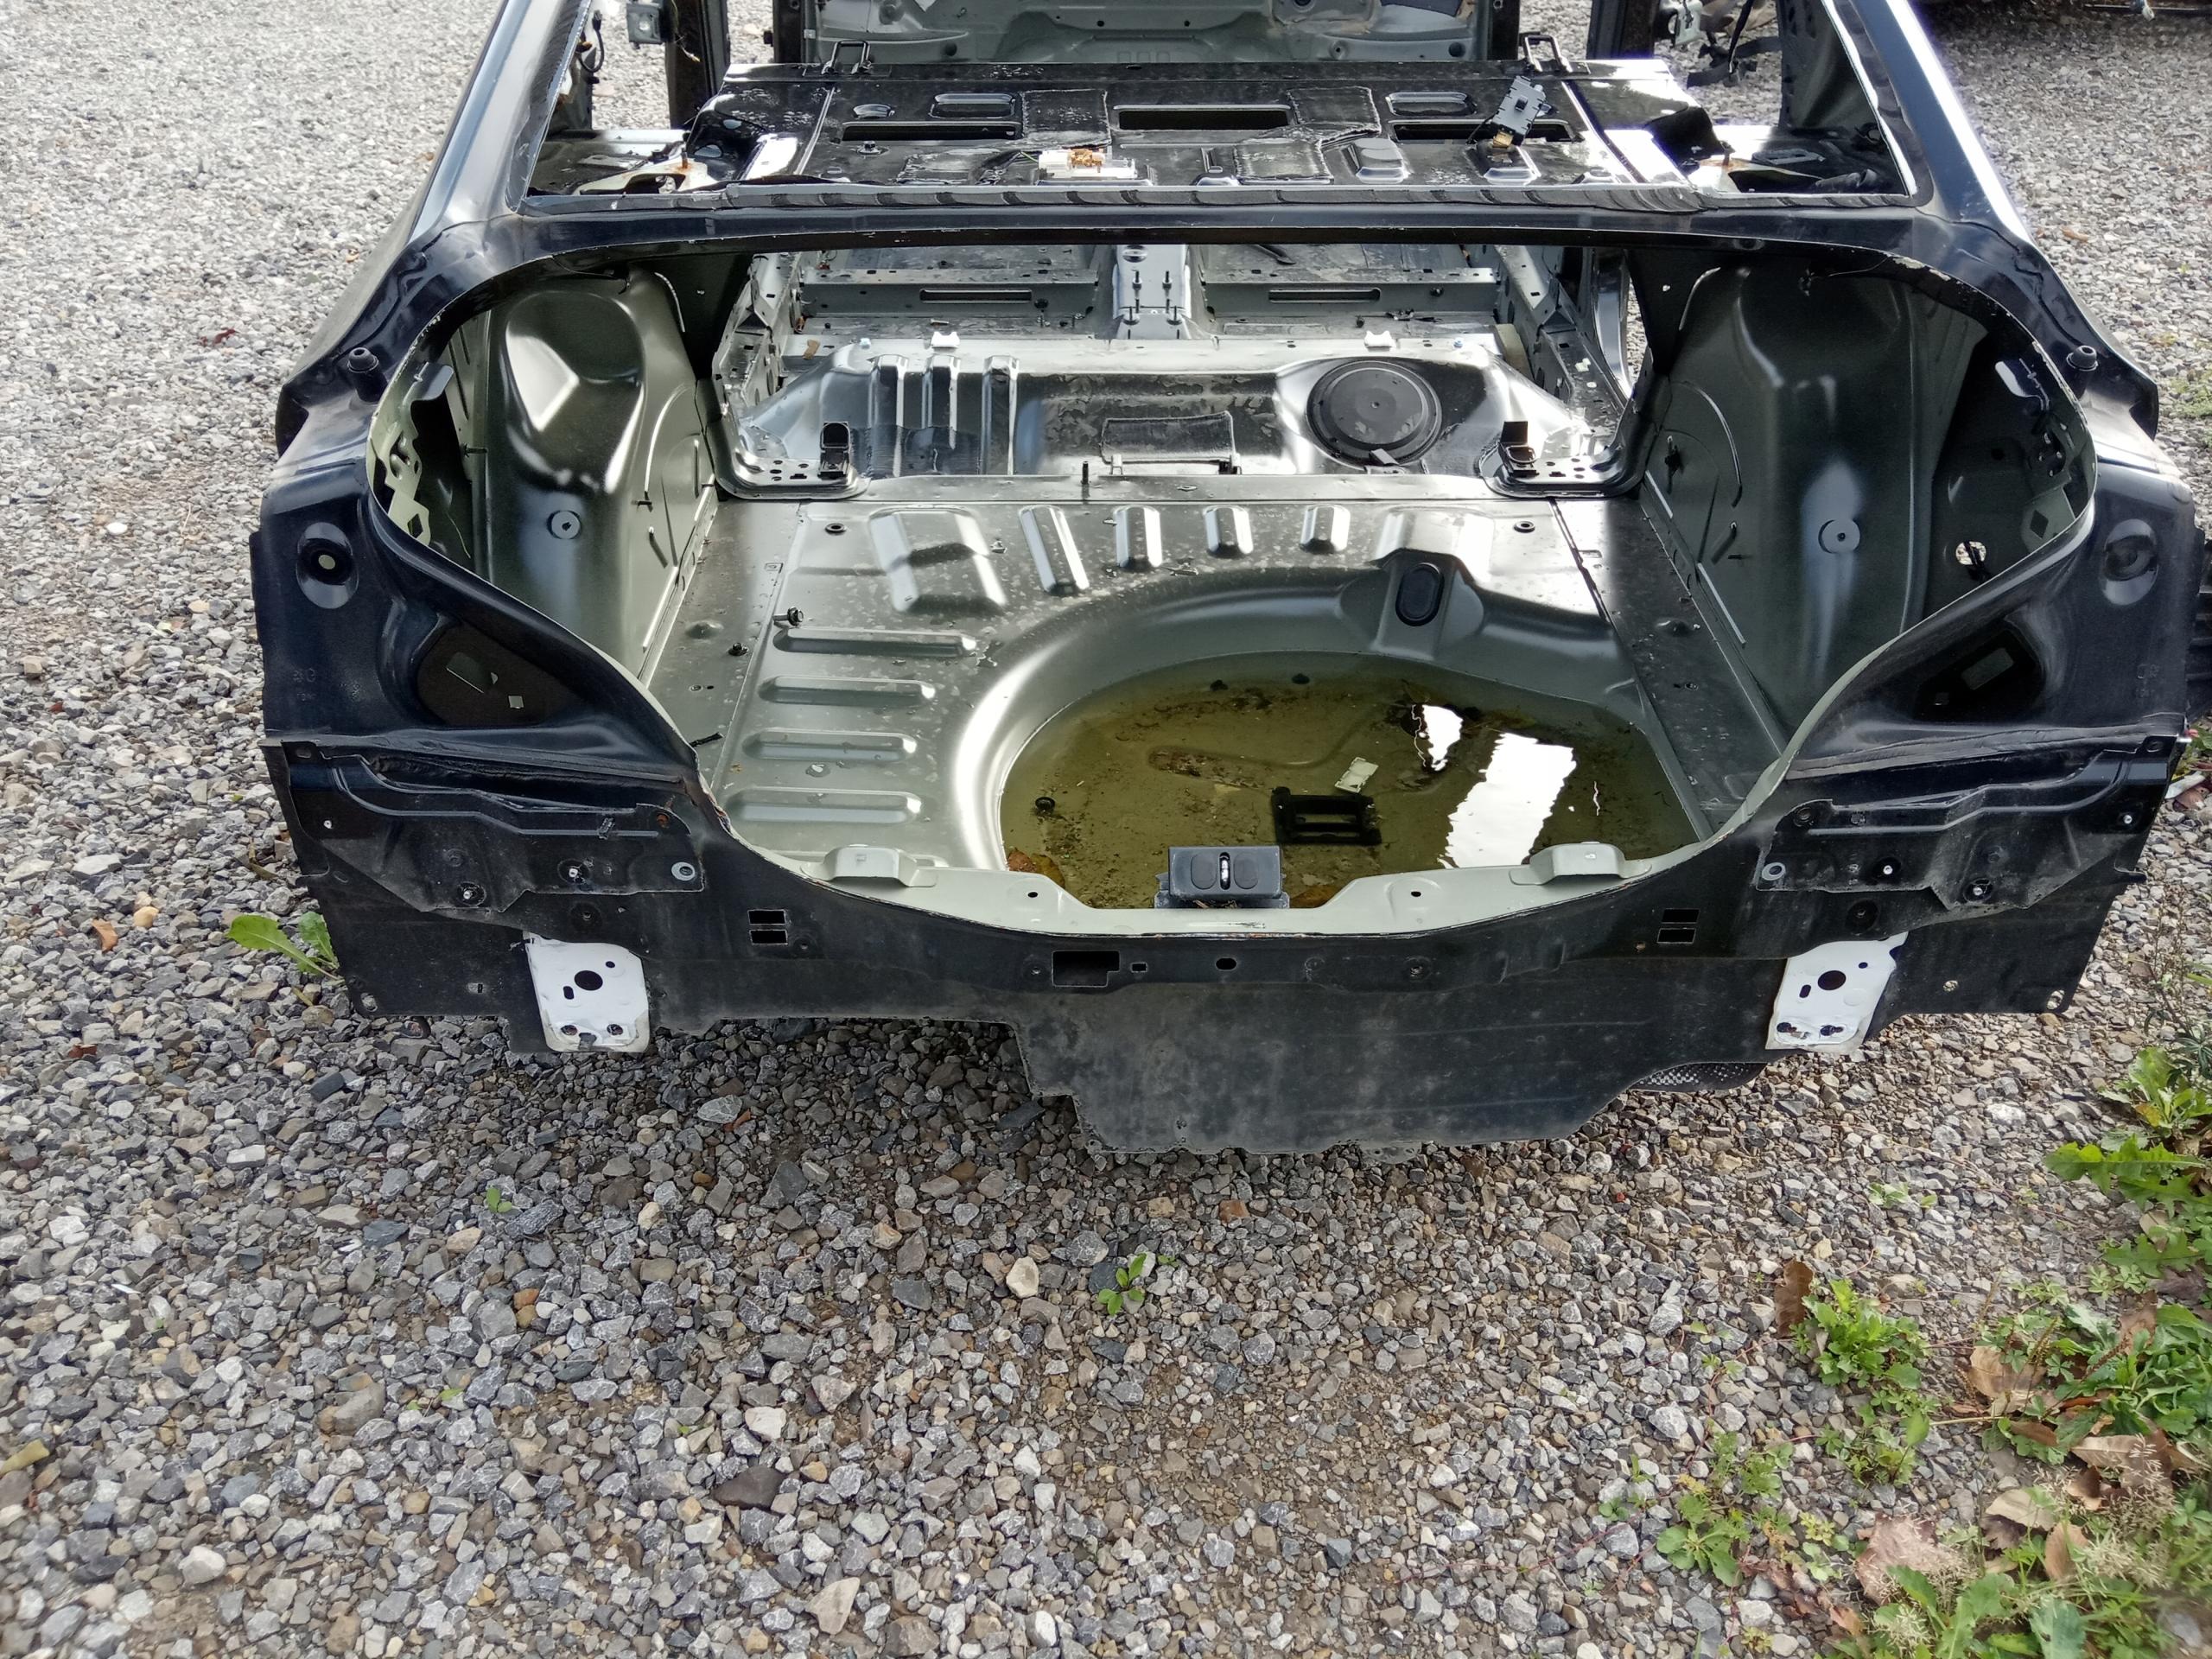 peugeot 508 gt седан пояс задняя панель усиление Стенка